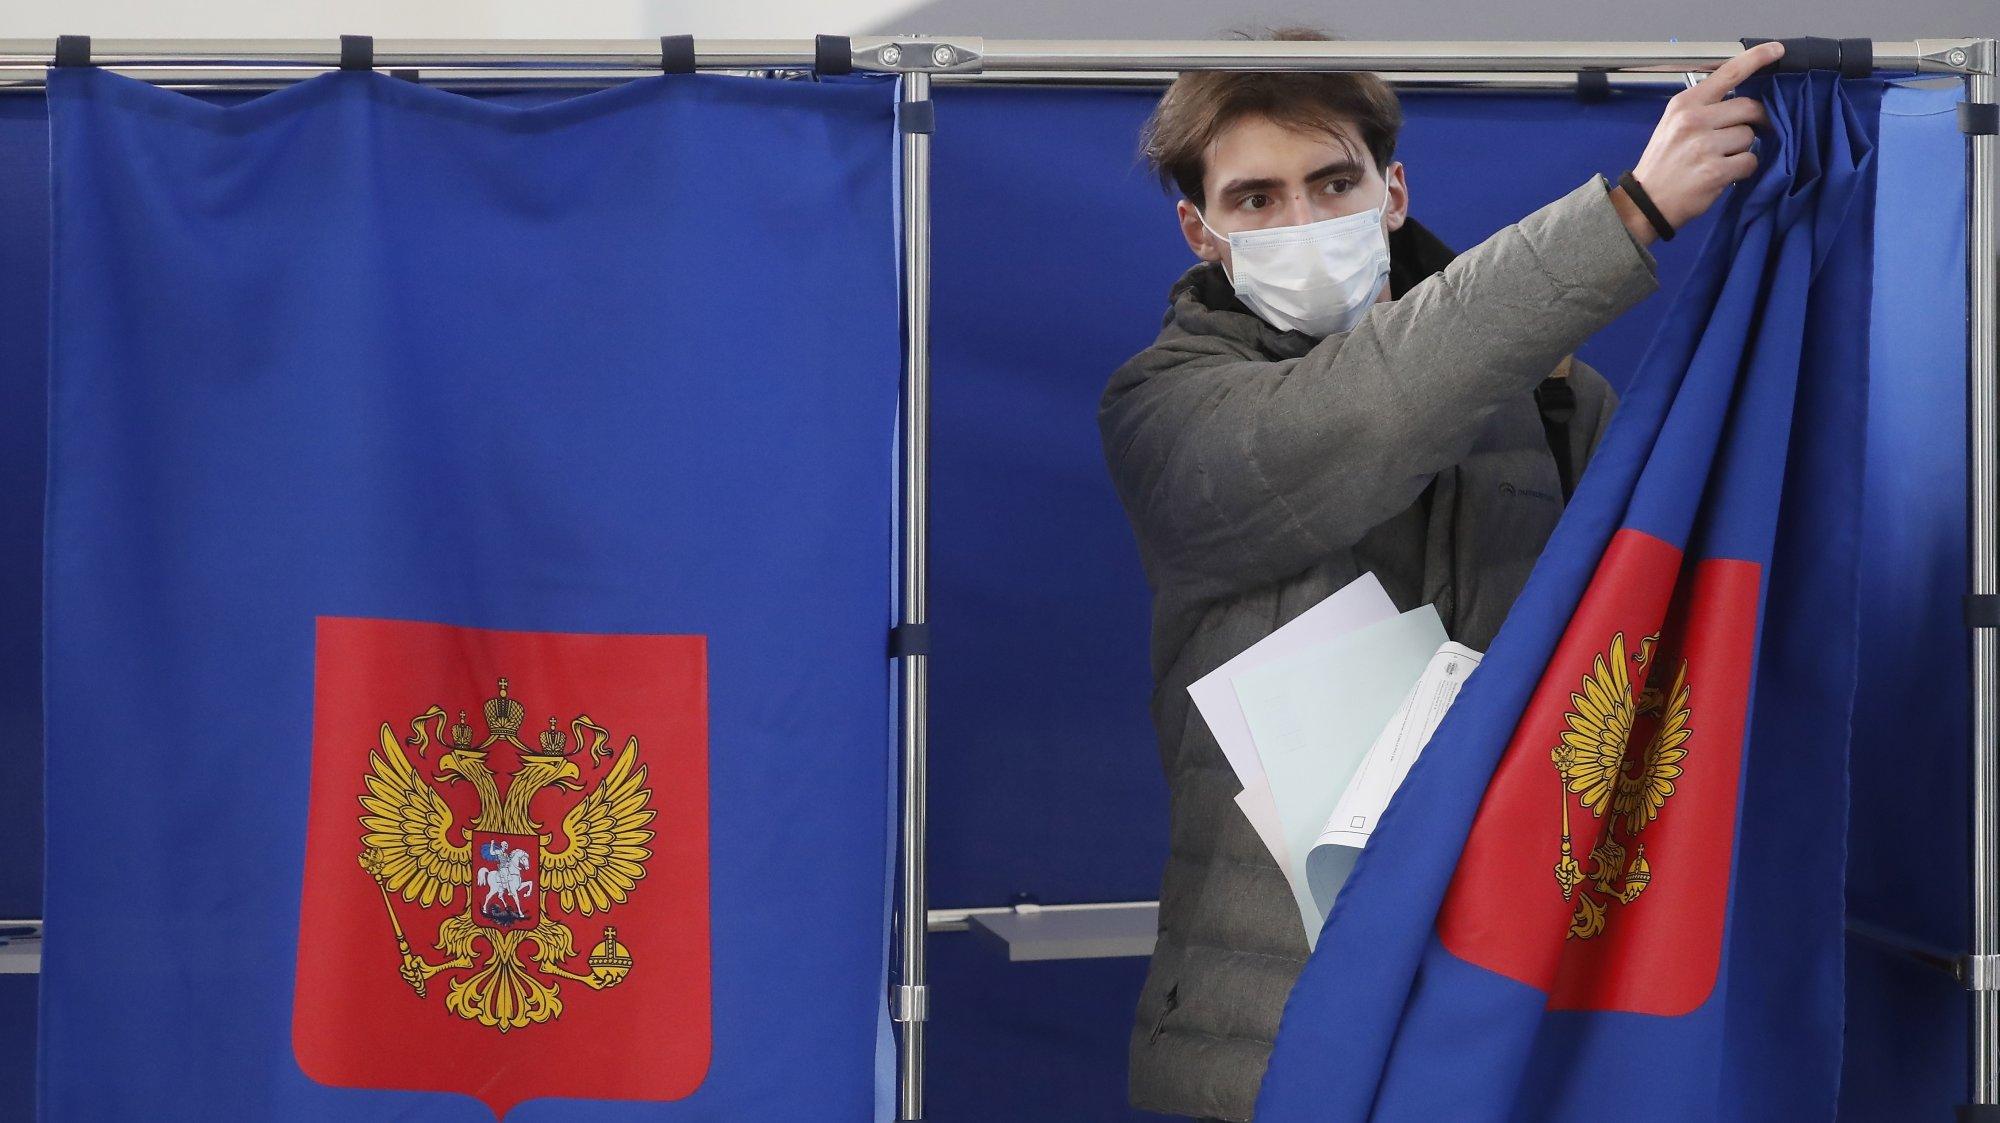 Peu avant la clôture du vote, la participation au scrutin russe s'établissait à 40%.